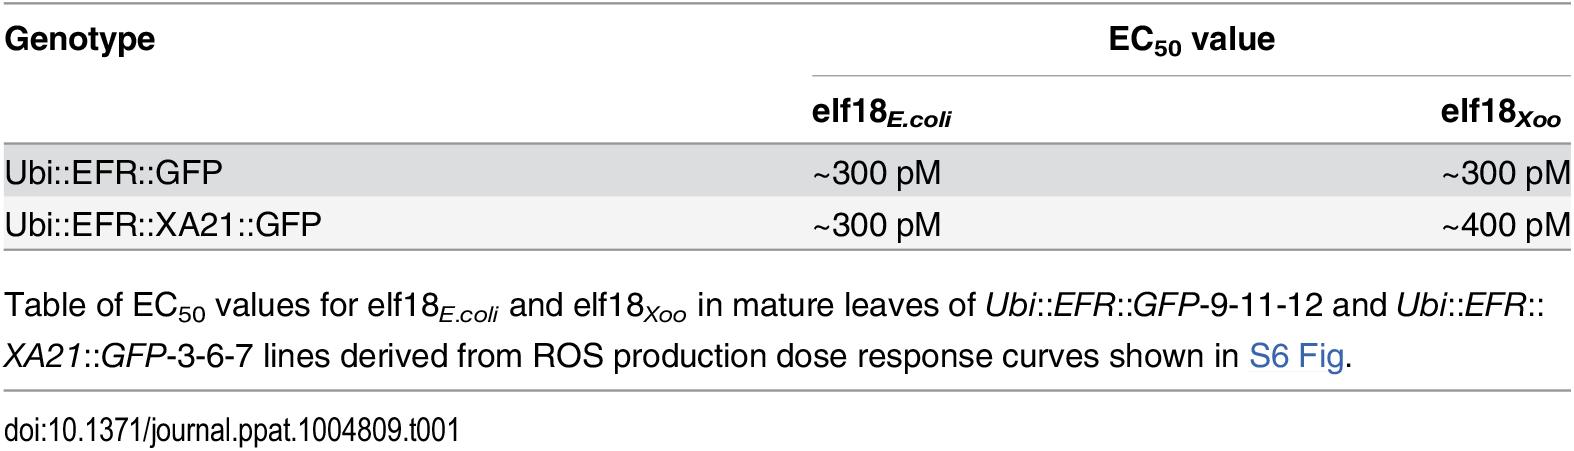 Expression of EFR::GFP and EFR::XA21::GFP in rice confers a high sensitivity to elf18<sub><i>E</i>.<i>coli</i></sub> and elf18<sub><i>Xoo</i></sub>.